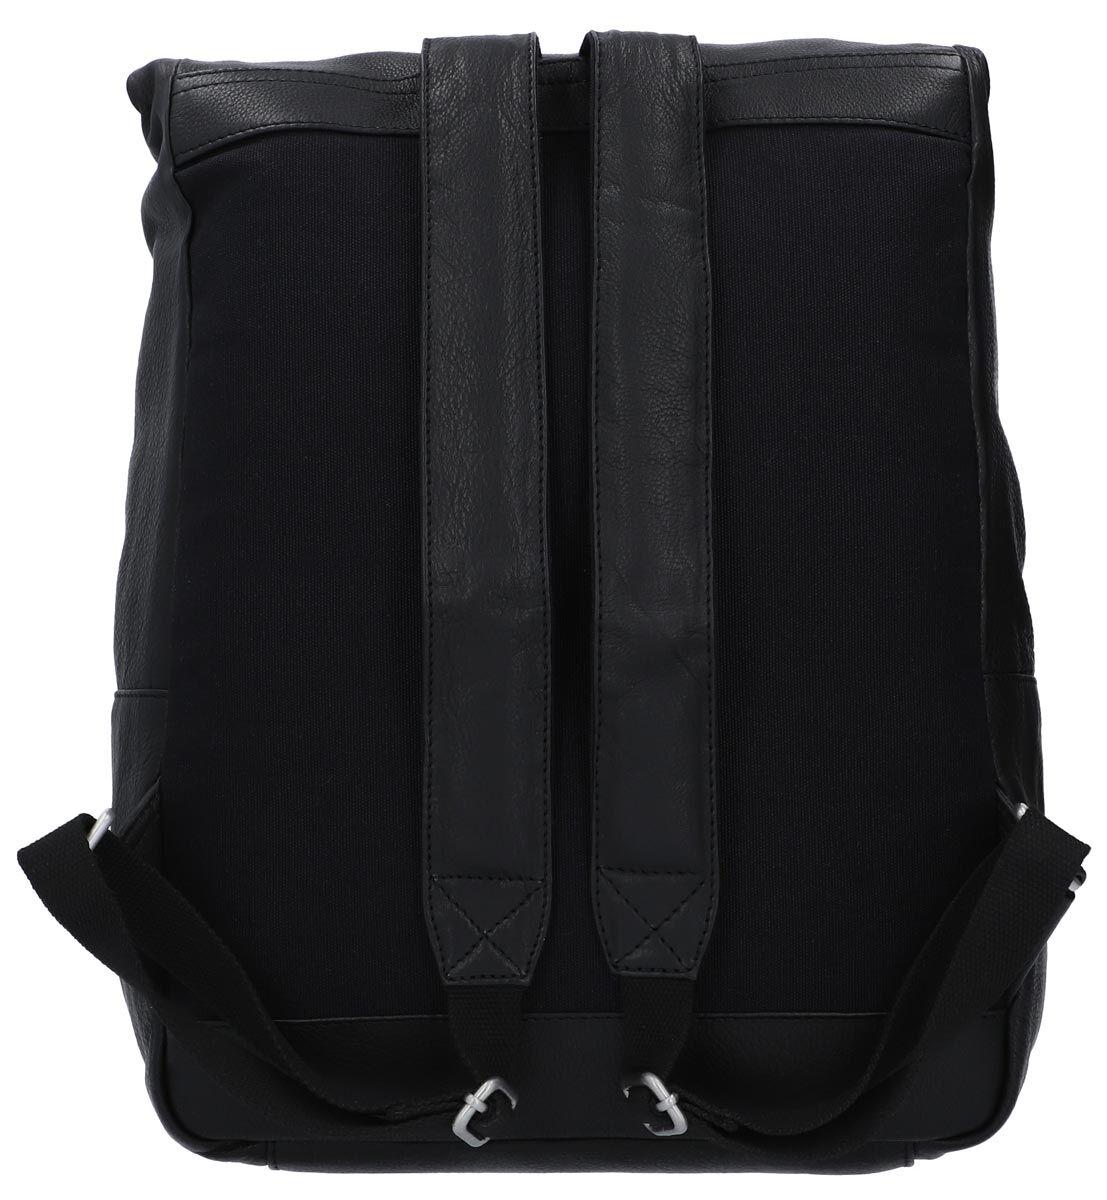 Outlet Rucksack - fehlerhaftes Design – faltiges Leder - kleinere Lederfehler - ansonsten neu – sieh